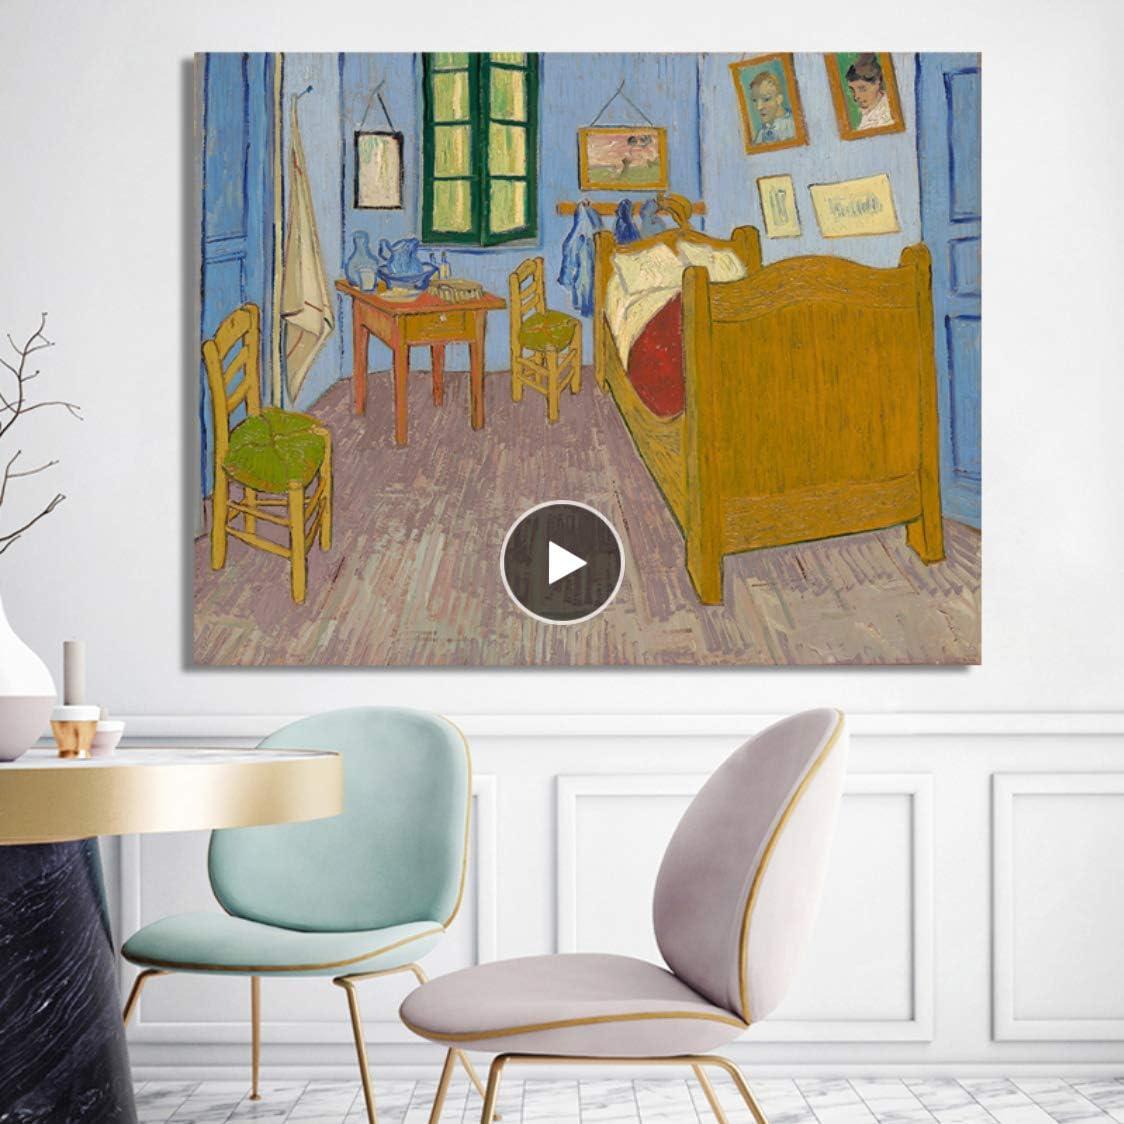 Danjiao Carteles E Impresiones En Lienzo Arte De La Pared Pintura En Lienzo El Dormitorio De Vincent En Arles Cuadros Decorativos Para La Decoración Del Hogar De La Sala De Estar Decor Del Do 60x90cm